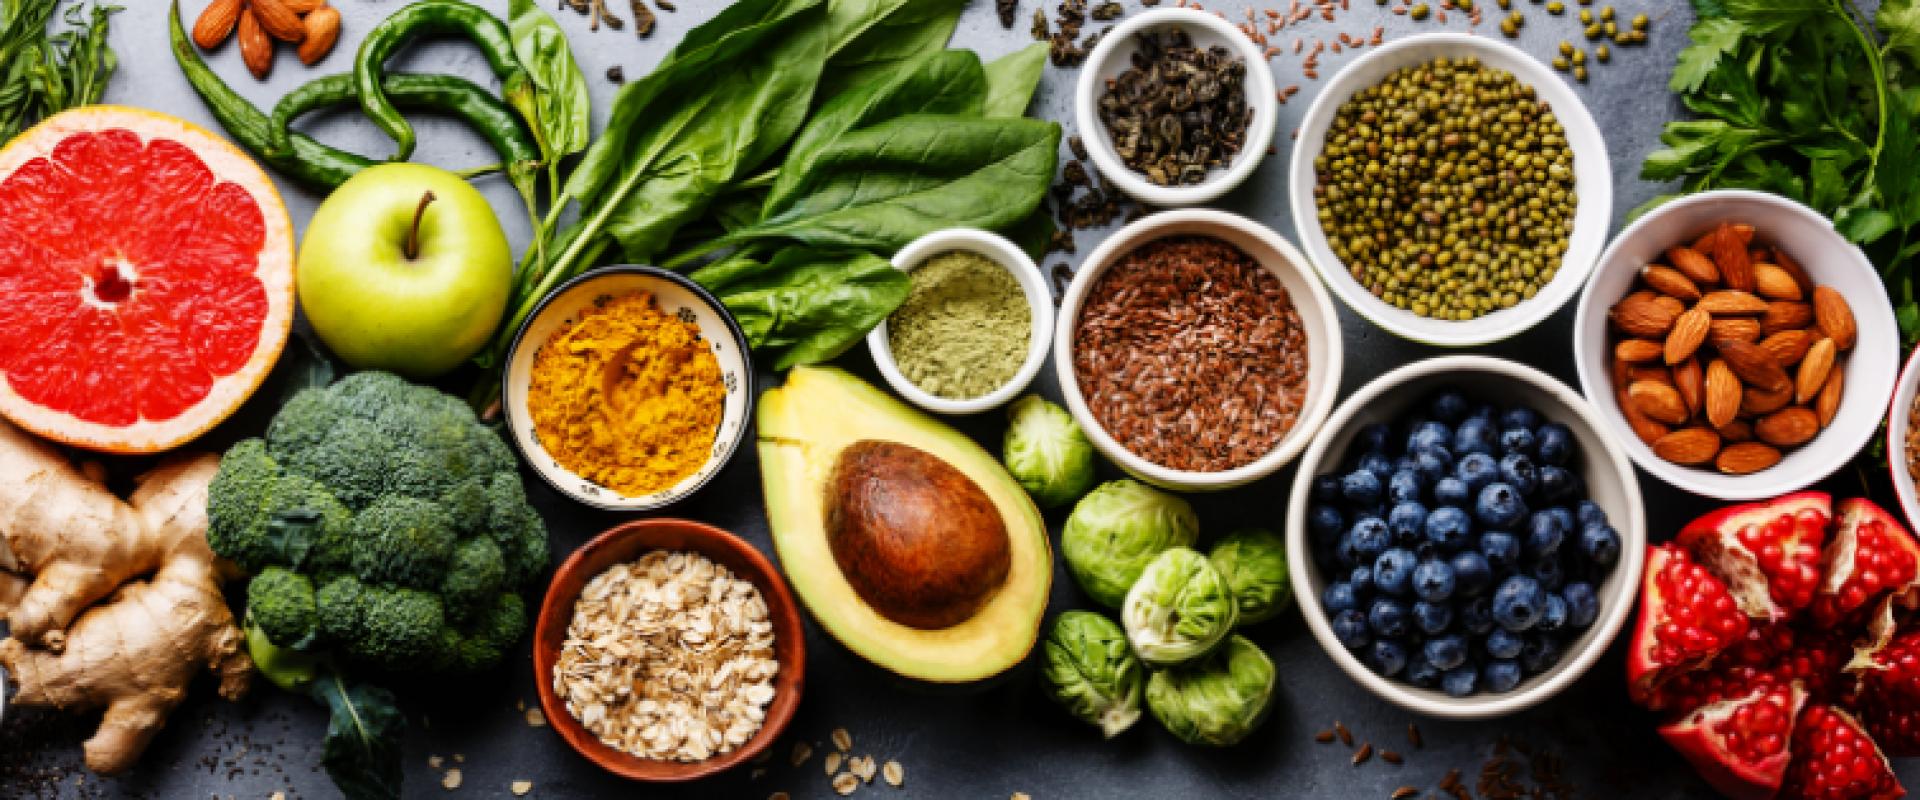 5 alimentos essenciais para você incluir na sua rotina